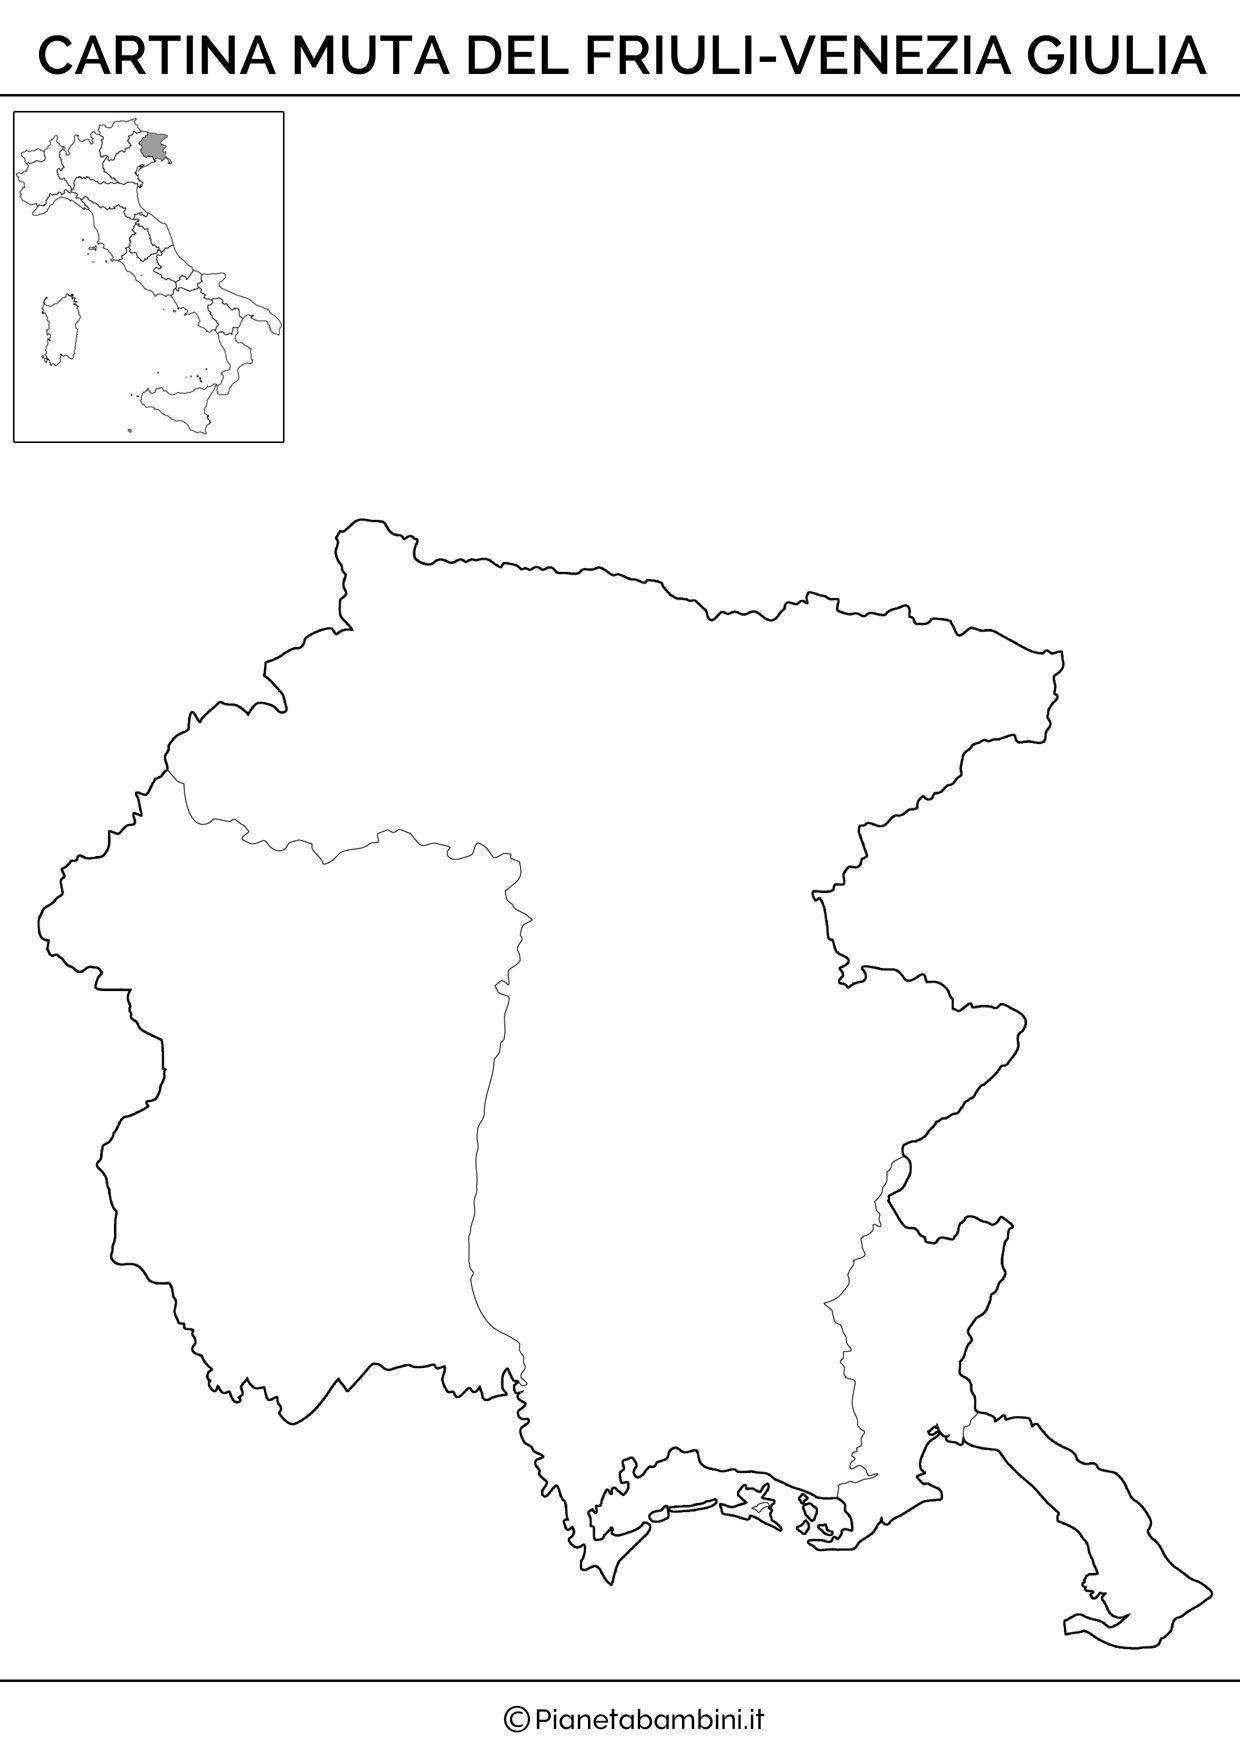 Cartina Muta Fisica E Politica Del Friuli Venezia Giulia Da